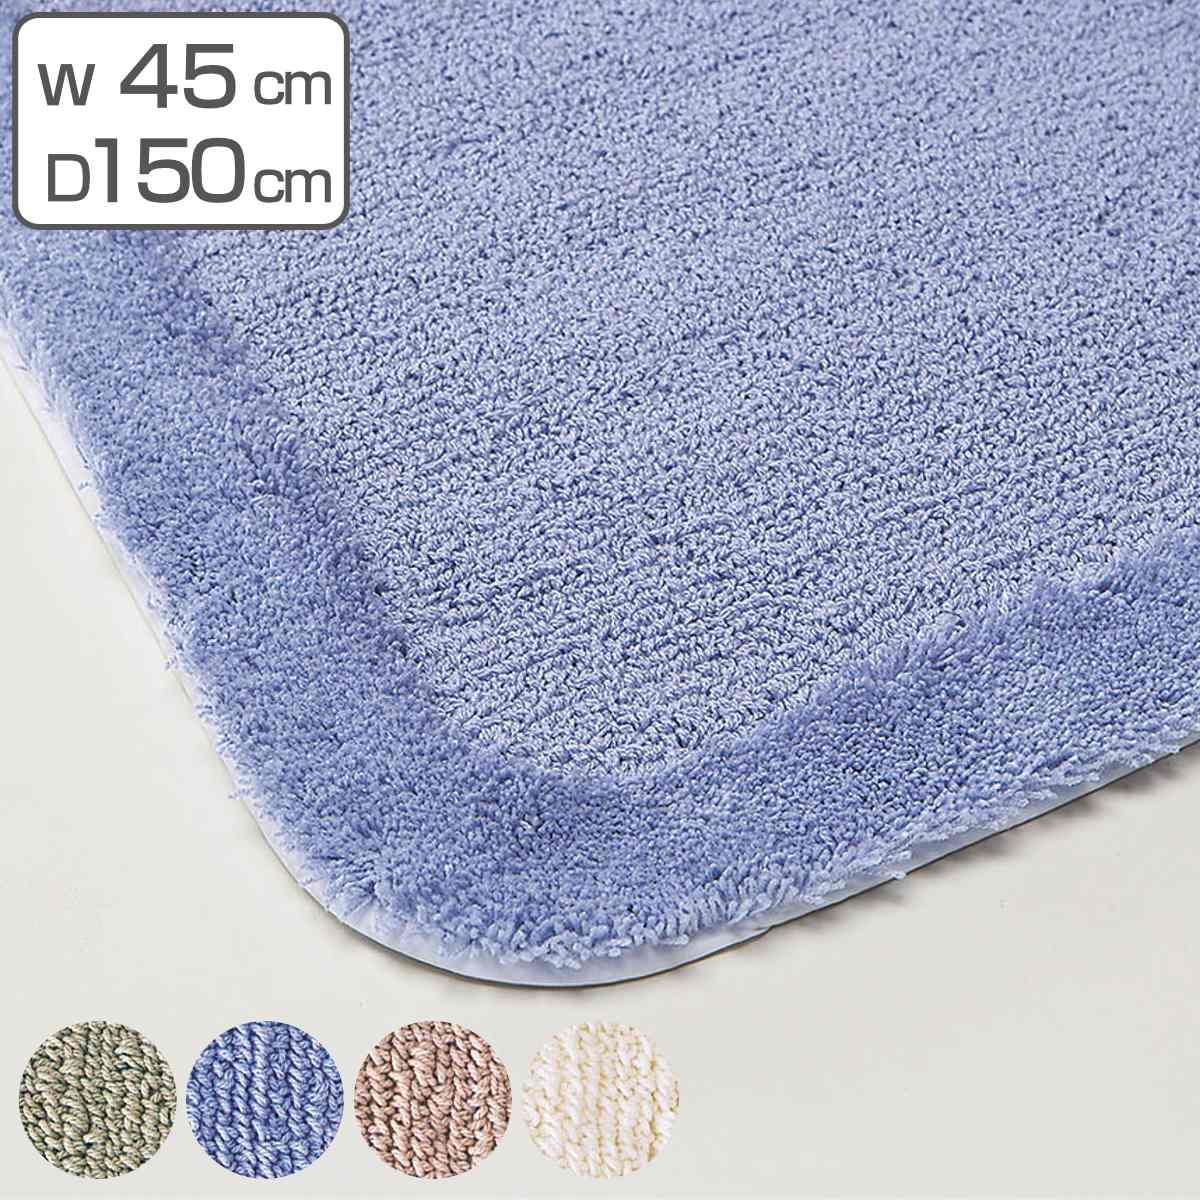 バスマット業務用 吸水ループパイル ノンスリップ抗菌仕様 45×150  ( 足拭き 風呂マット 送料無料 )